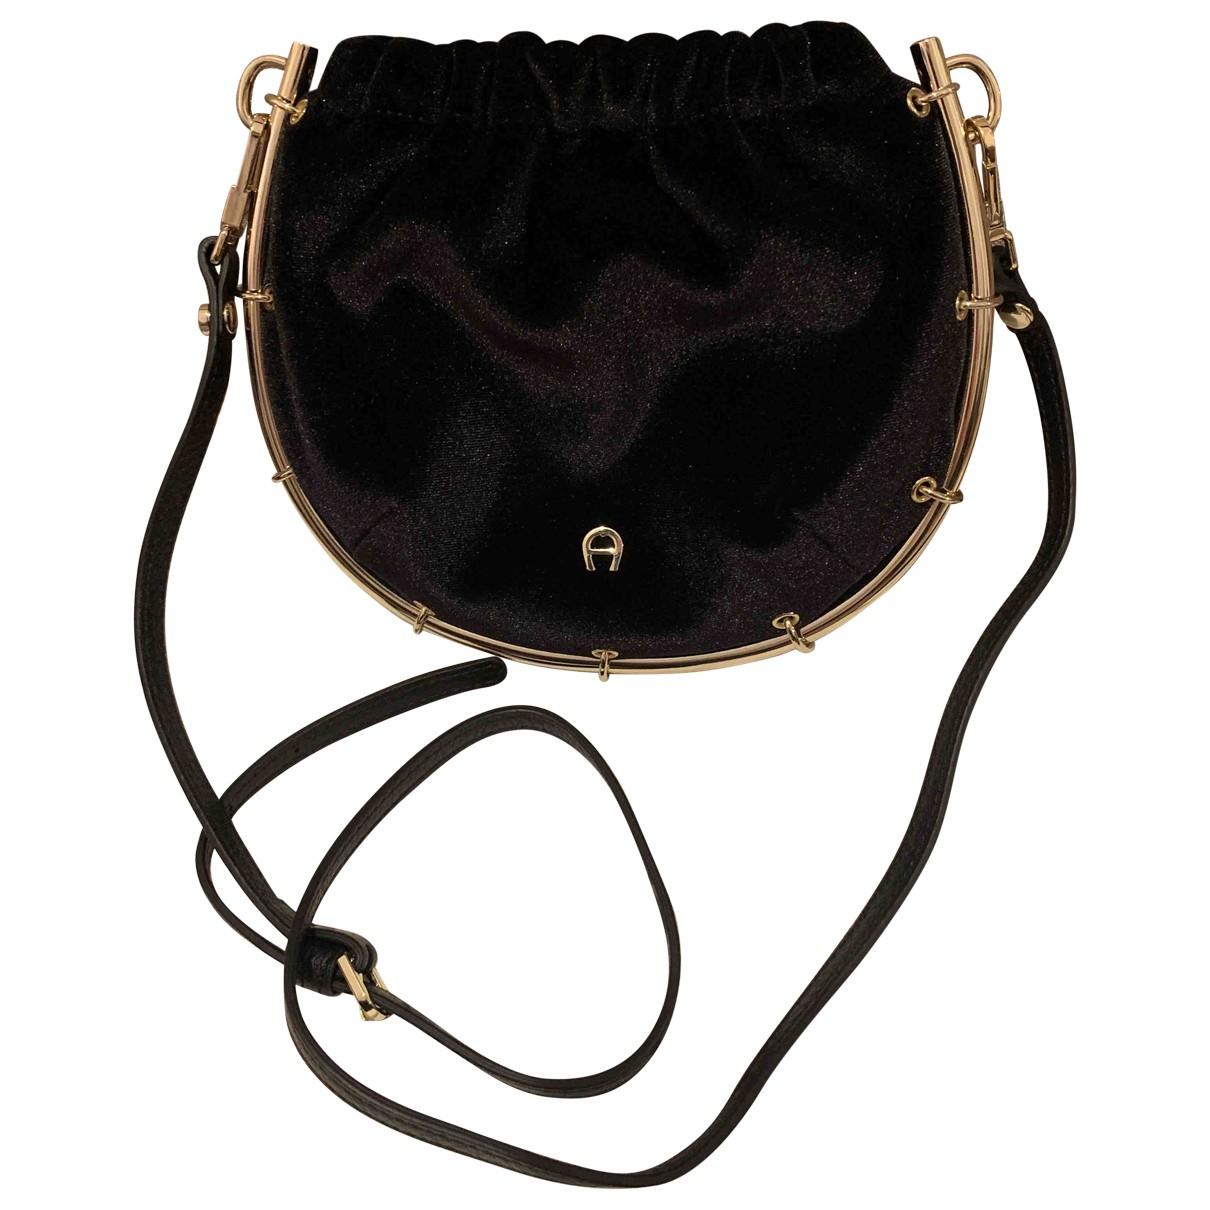 Aigner \N Black Velvet handbag for Women \N